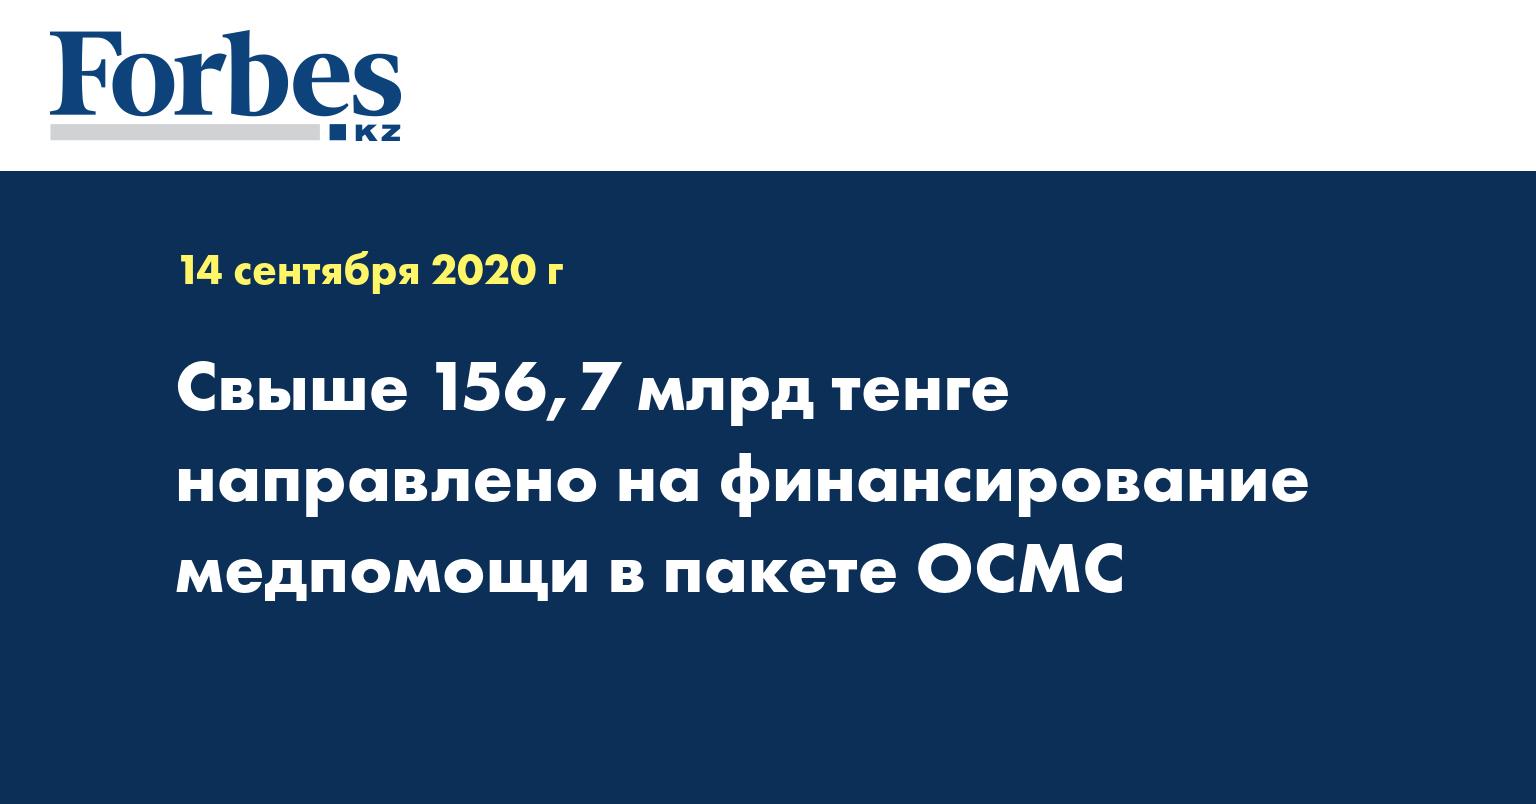 Свыше 156,7 млрд тенге направлено на финансирование медпомощи в пакете ОСМС